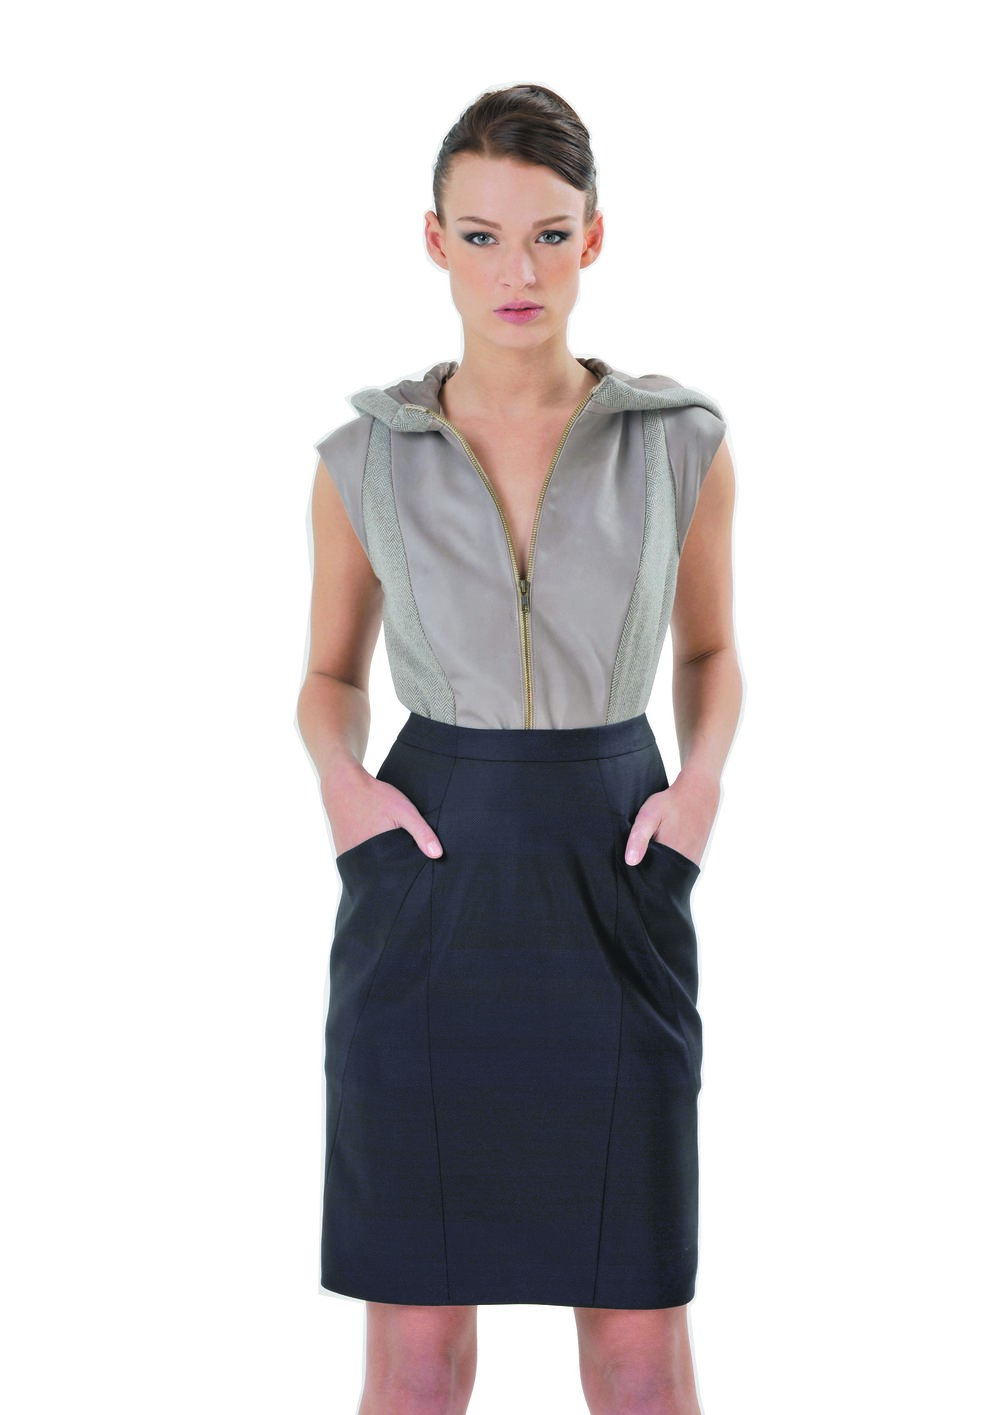 LAKA Sleeveless jacket & SHALINI Skirt